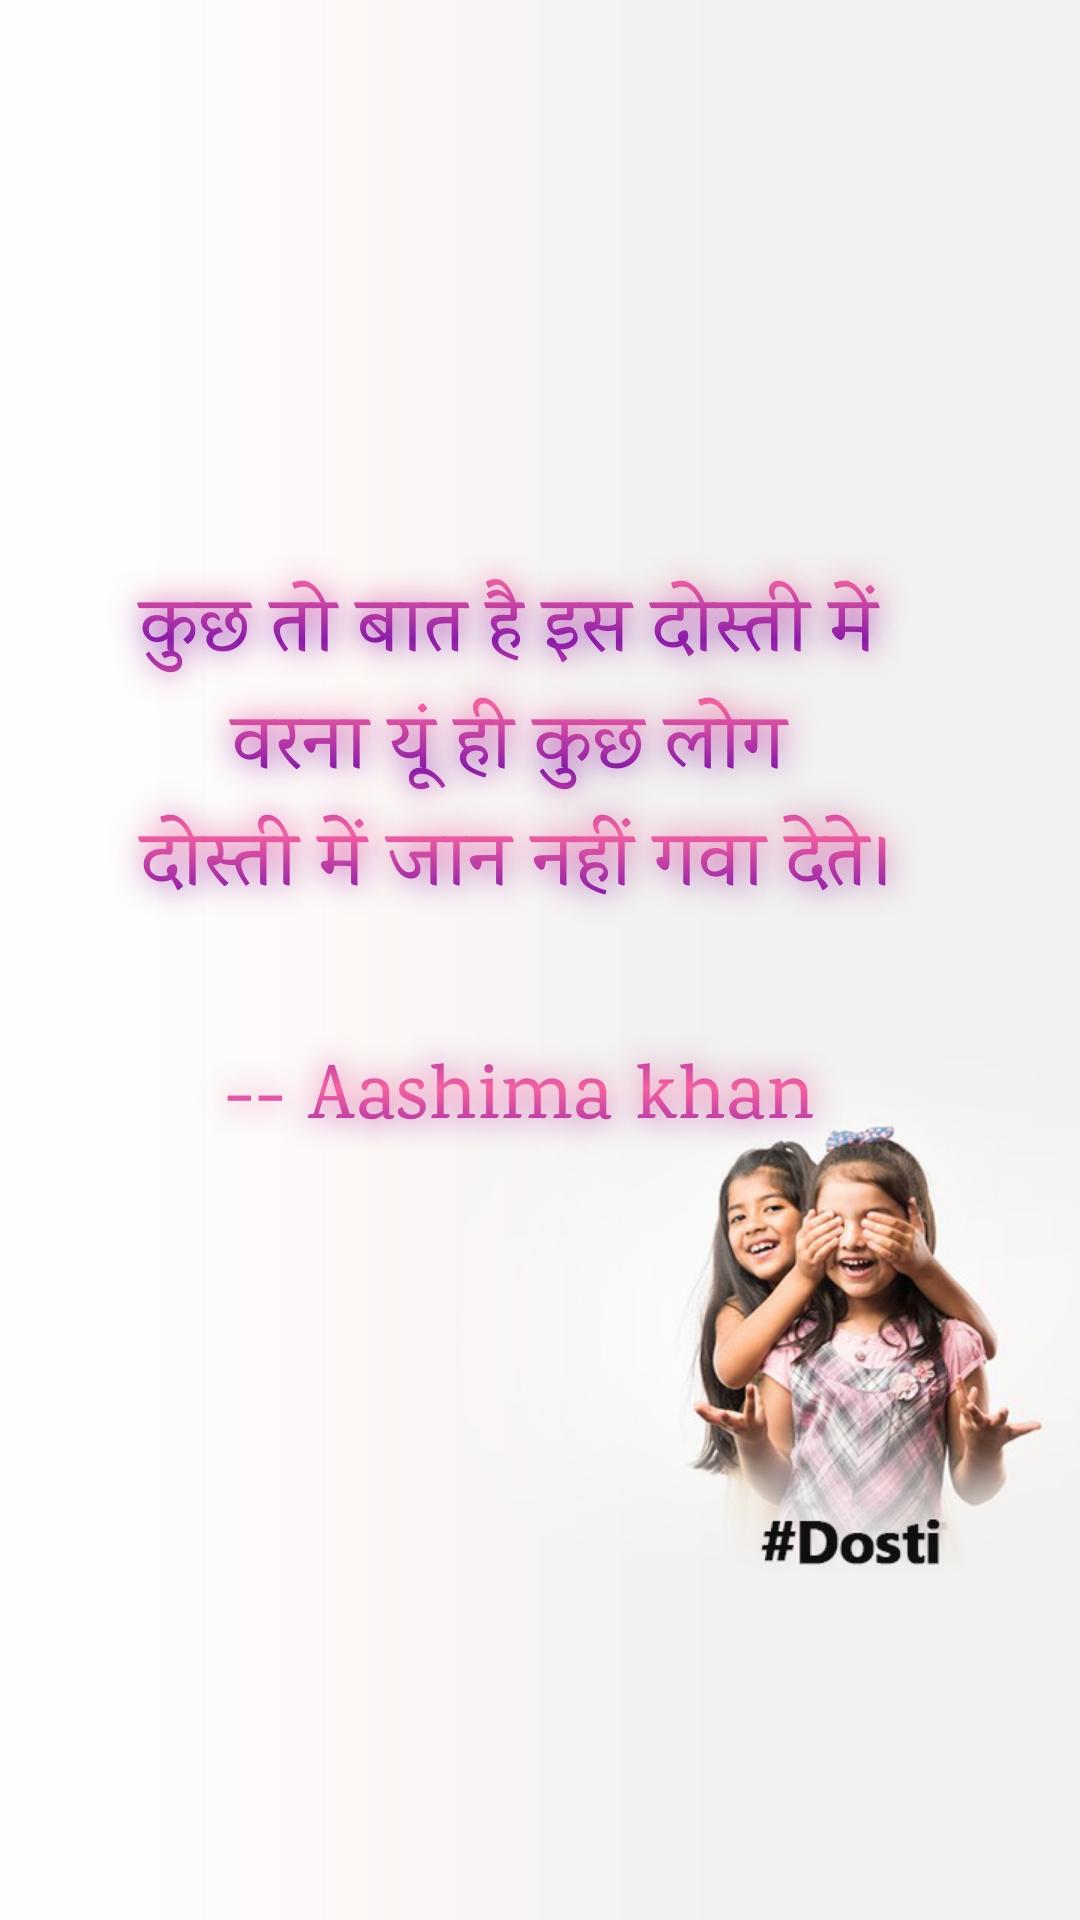 कुछ तो बात है इस दोस्ती में  वरना यूं ही कुछ लोग  दोस्ती में जान नहीं गवा देते।  -- Aashima khan